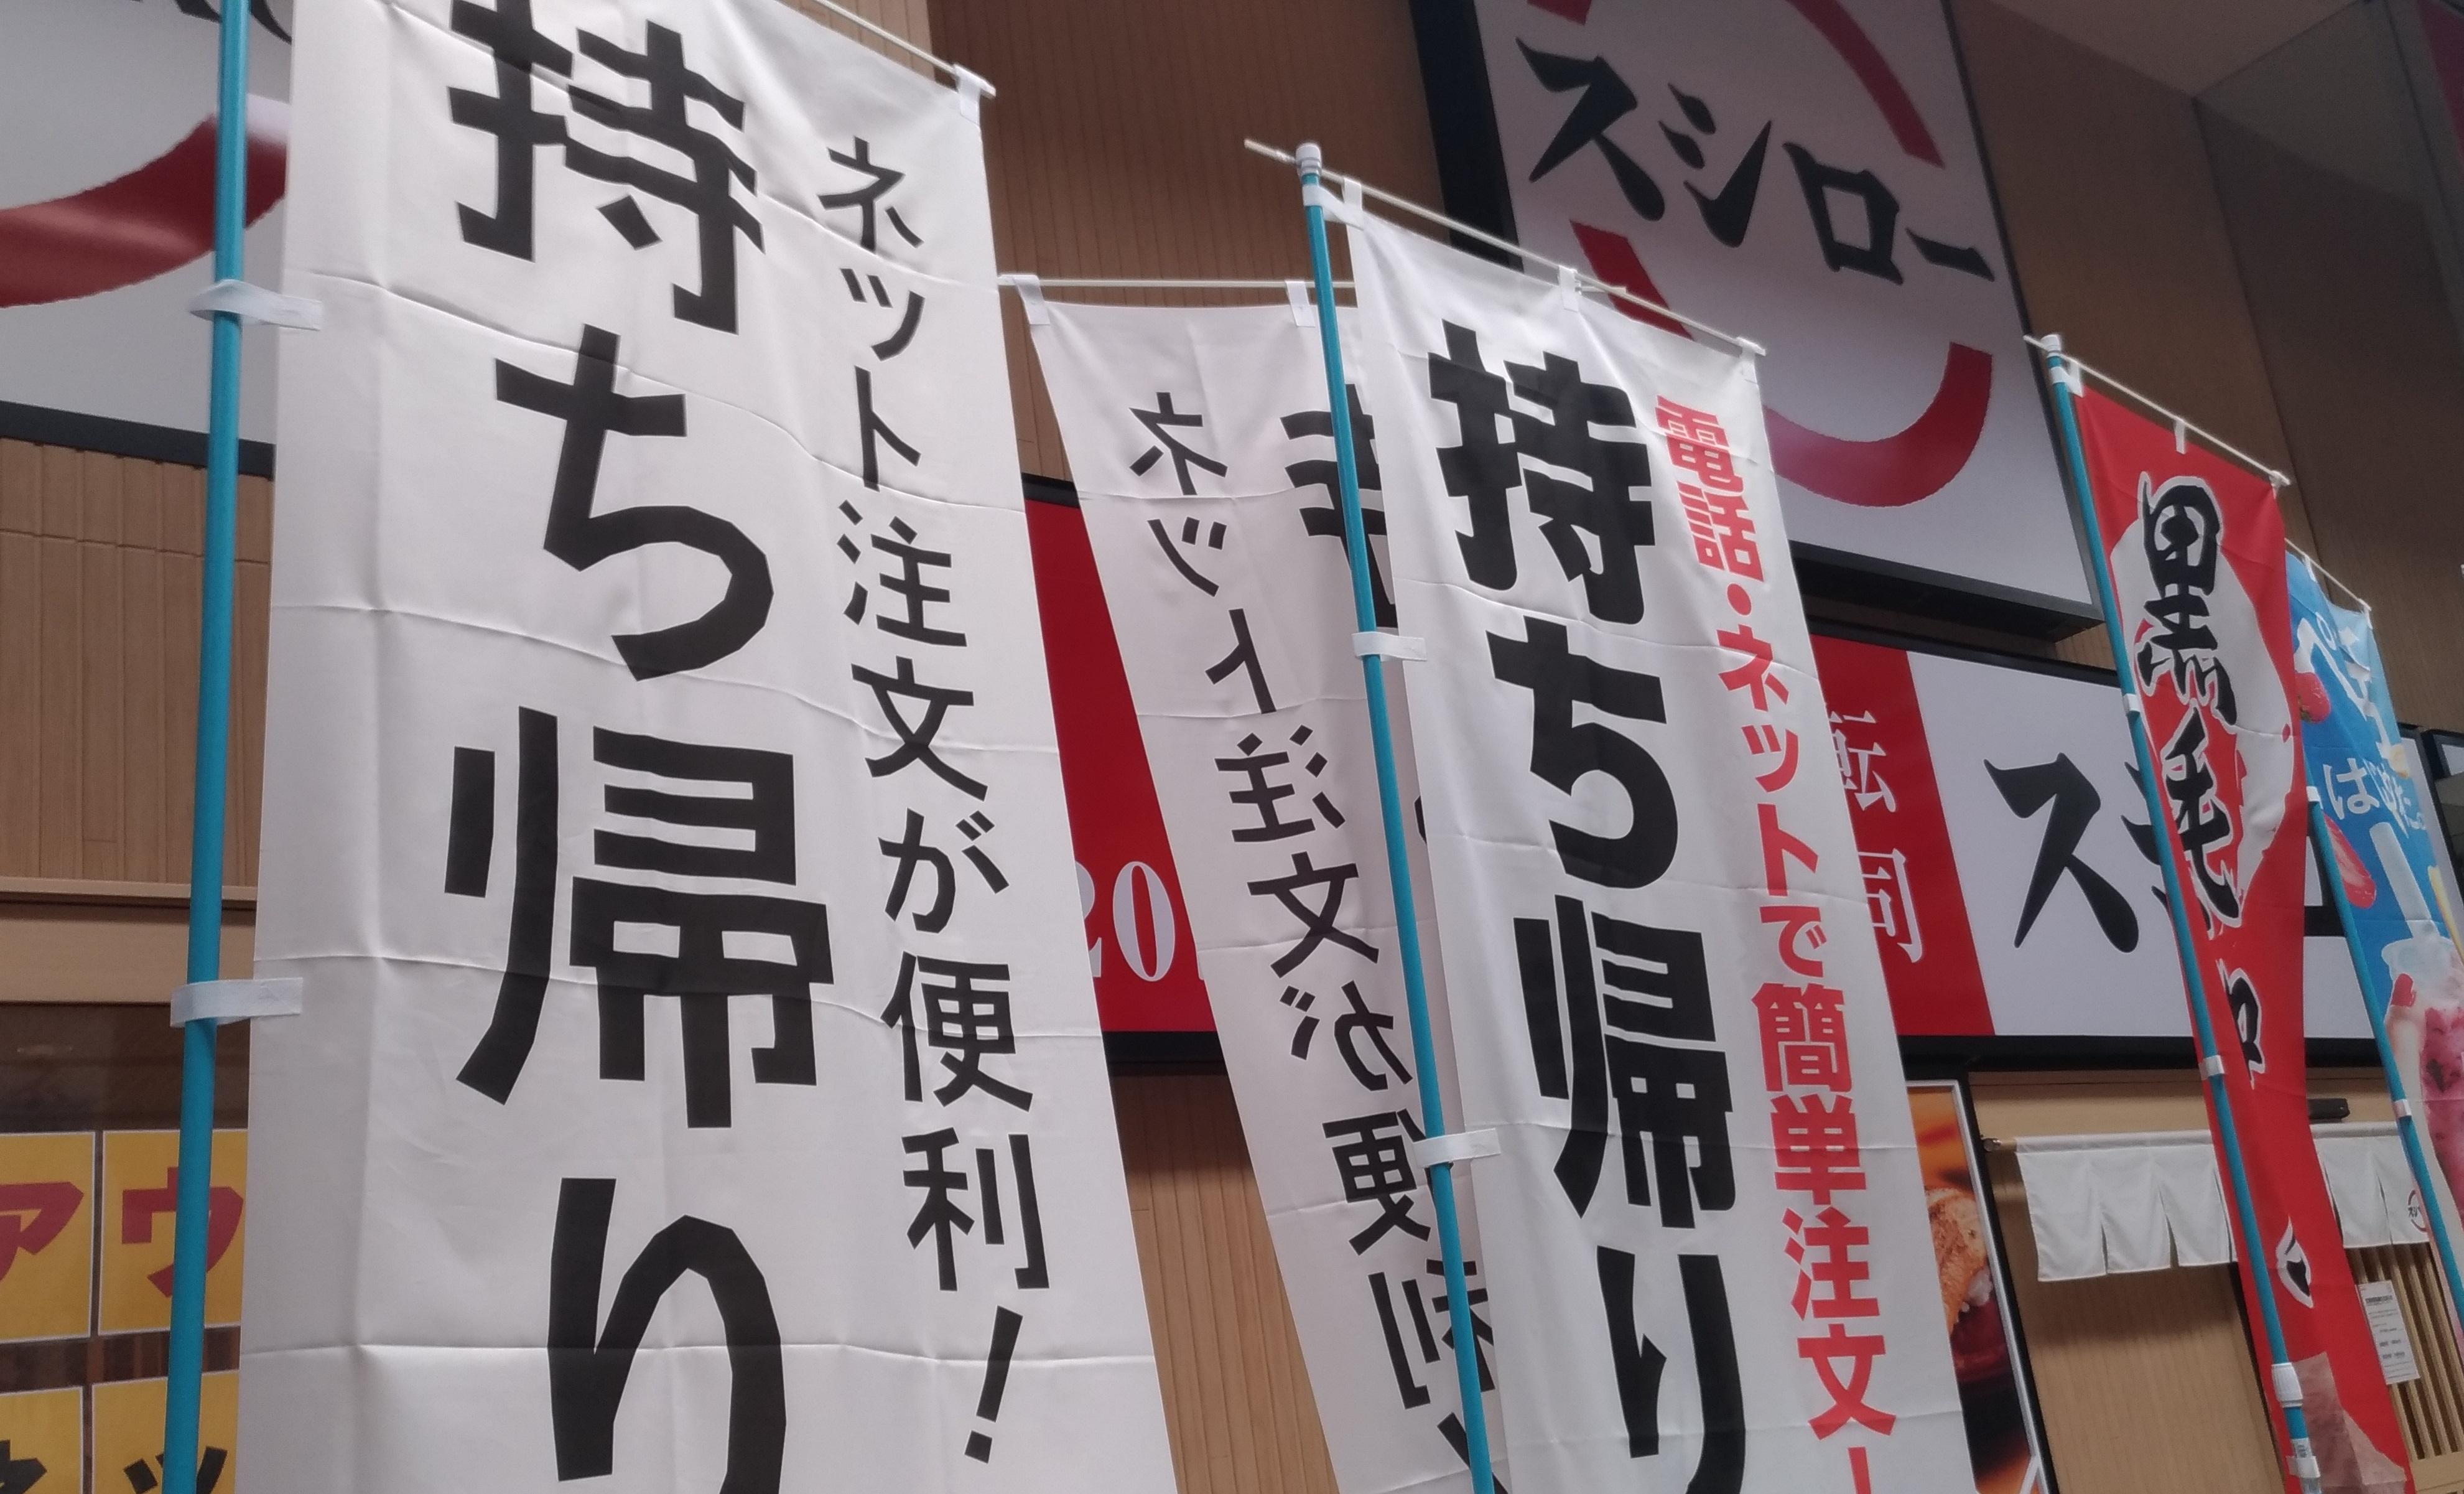 sushiro_0501_osaka_tenma_2.jpg